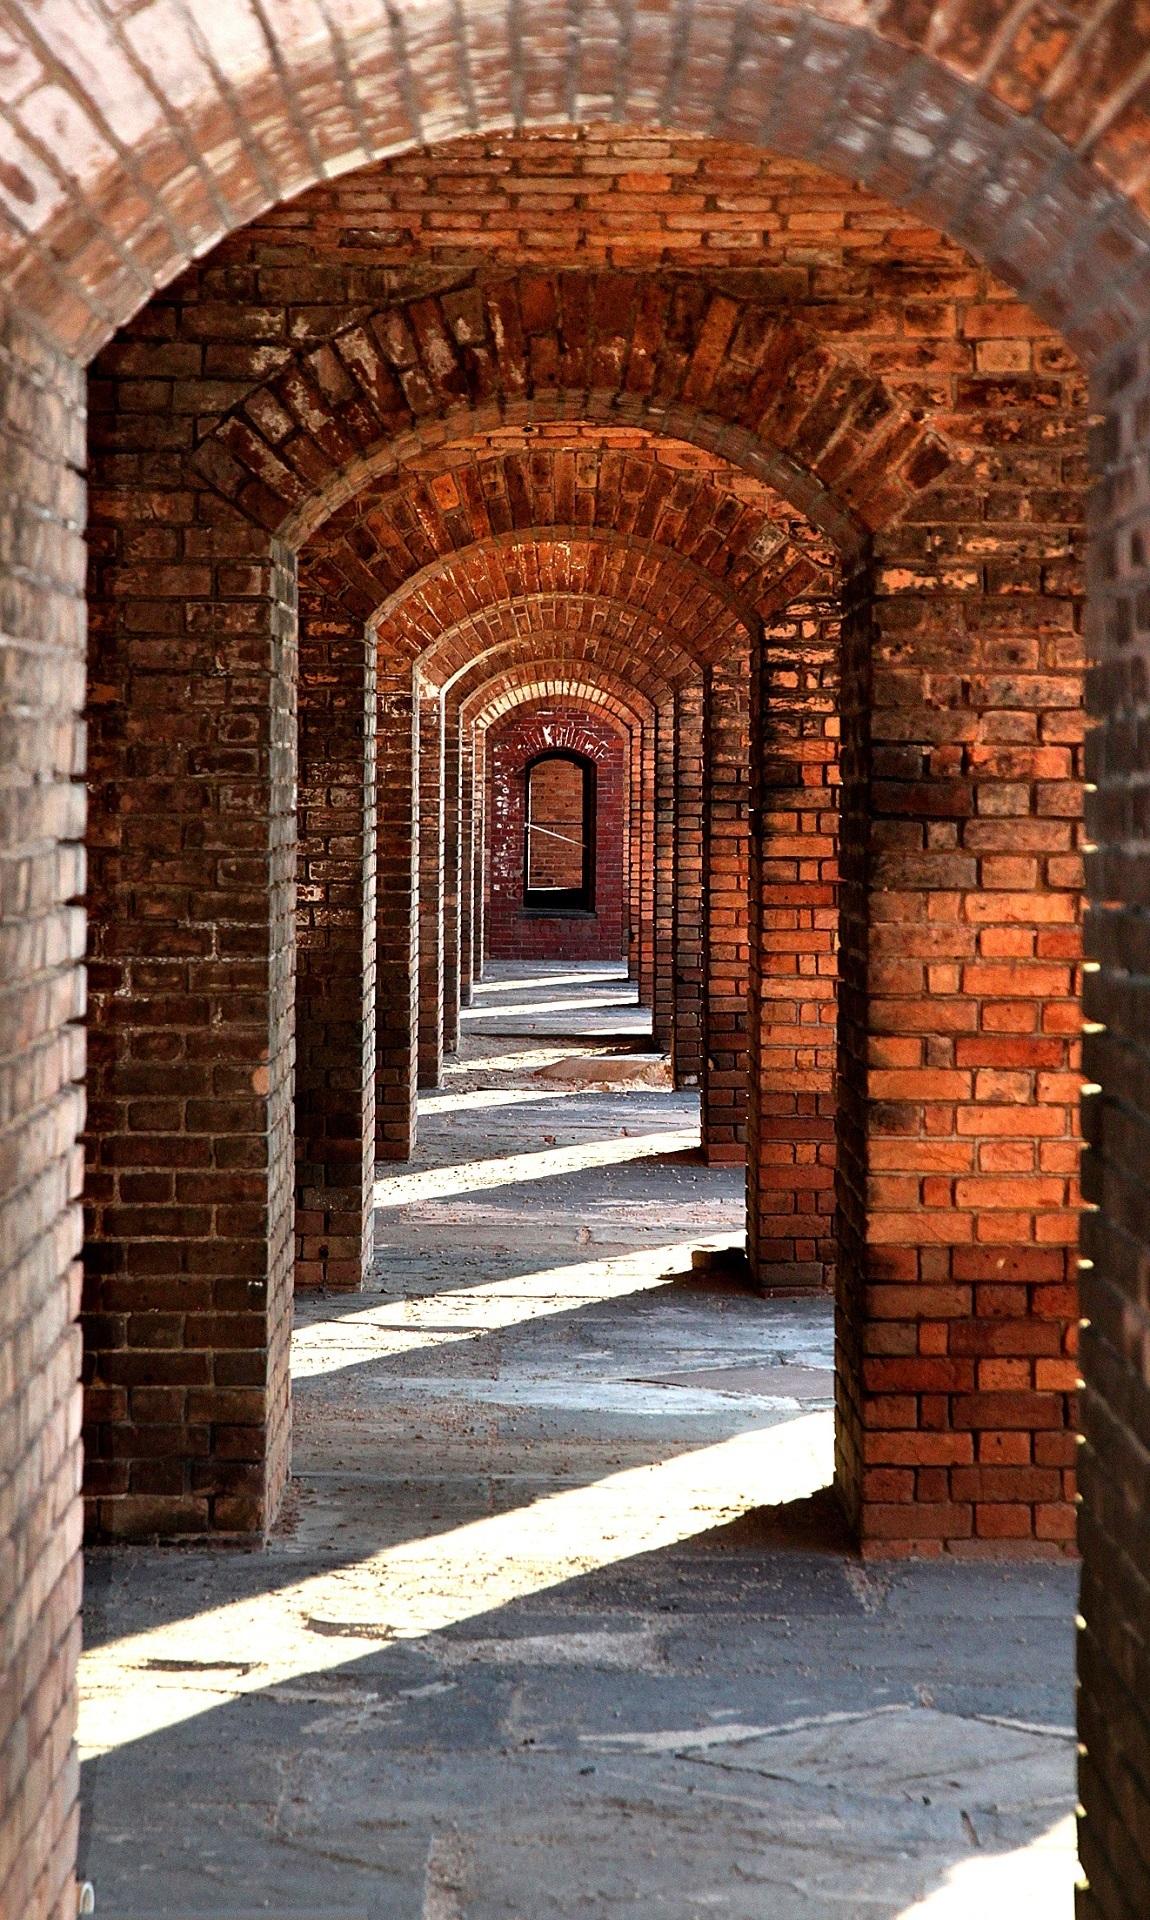 Fotos Gratis Arquitectura Madera Ver Antiguo Pared